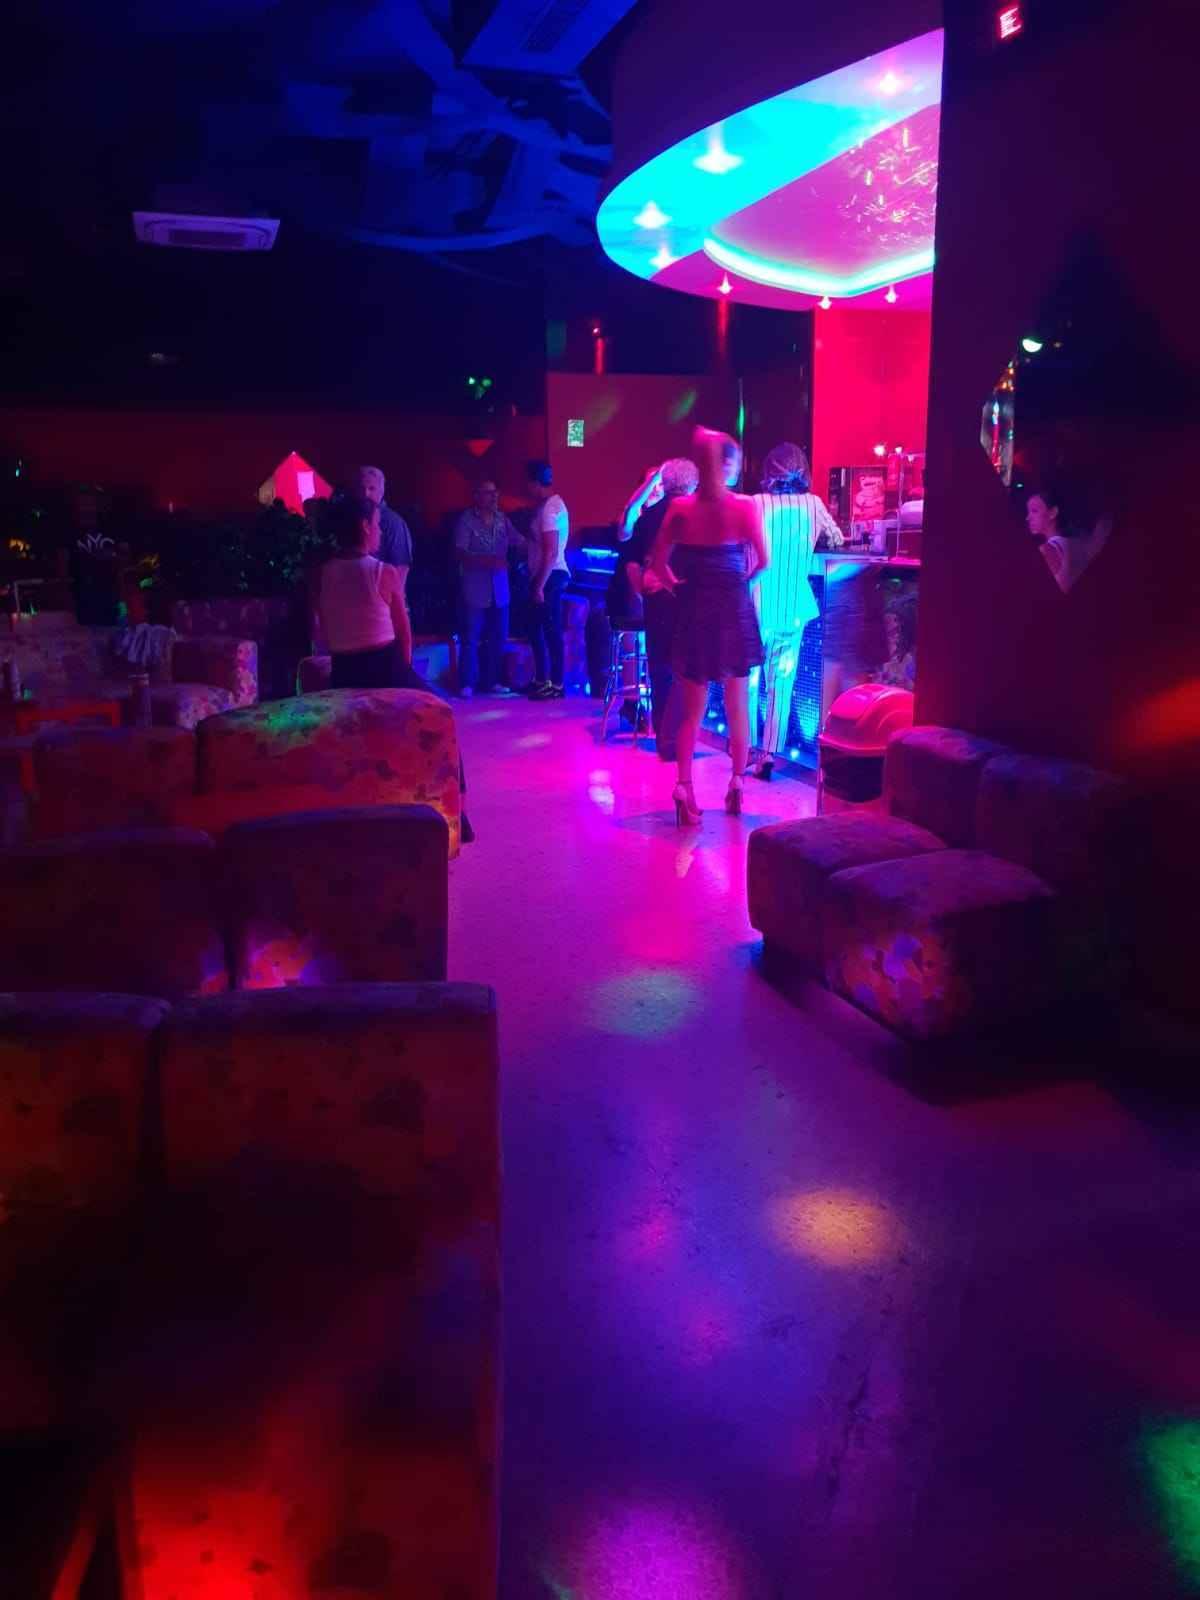 Ночной клуб внутри клуб ебли в москве